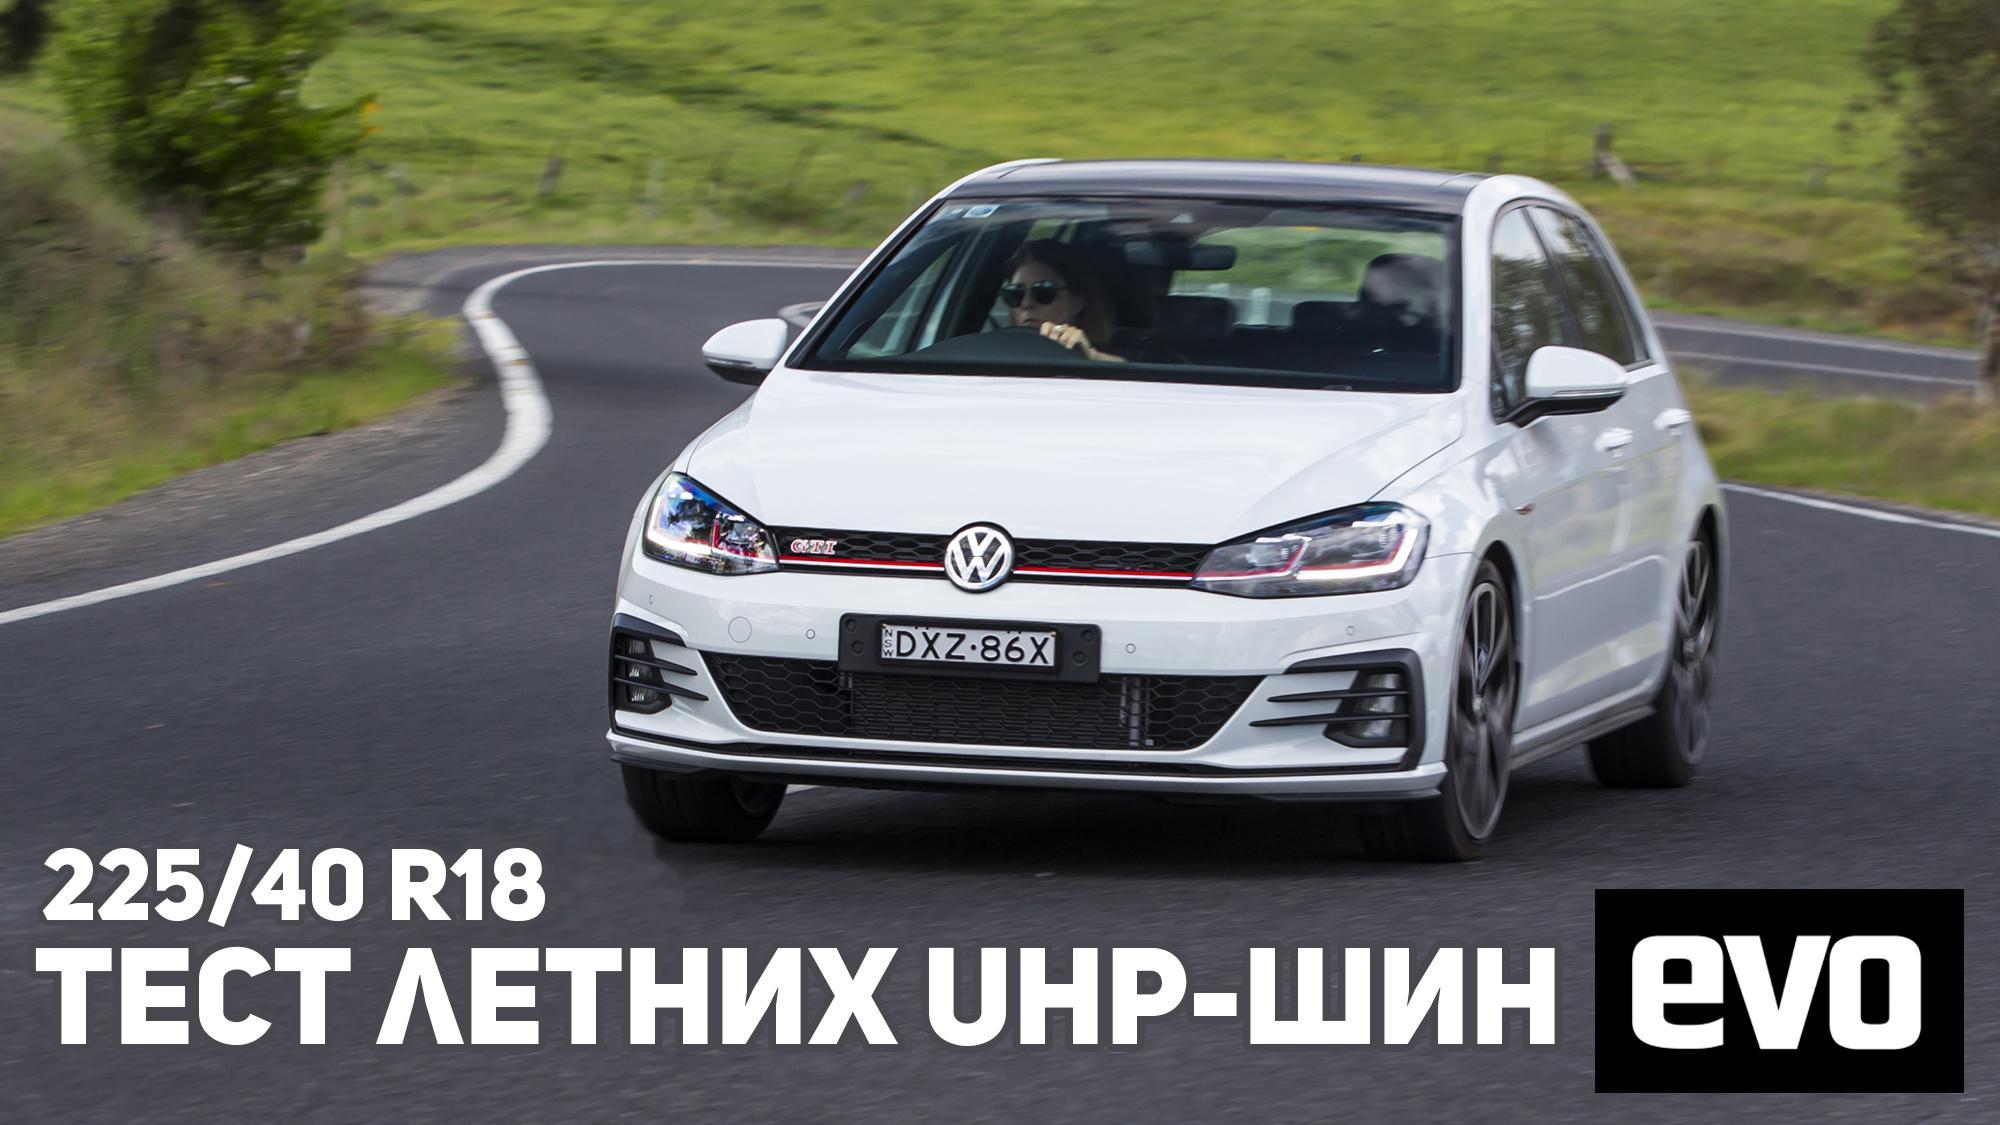 Evo: Tест летних UHP-шин 225/40 R18 2019